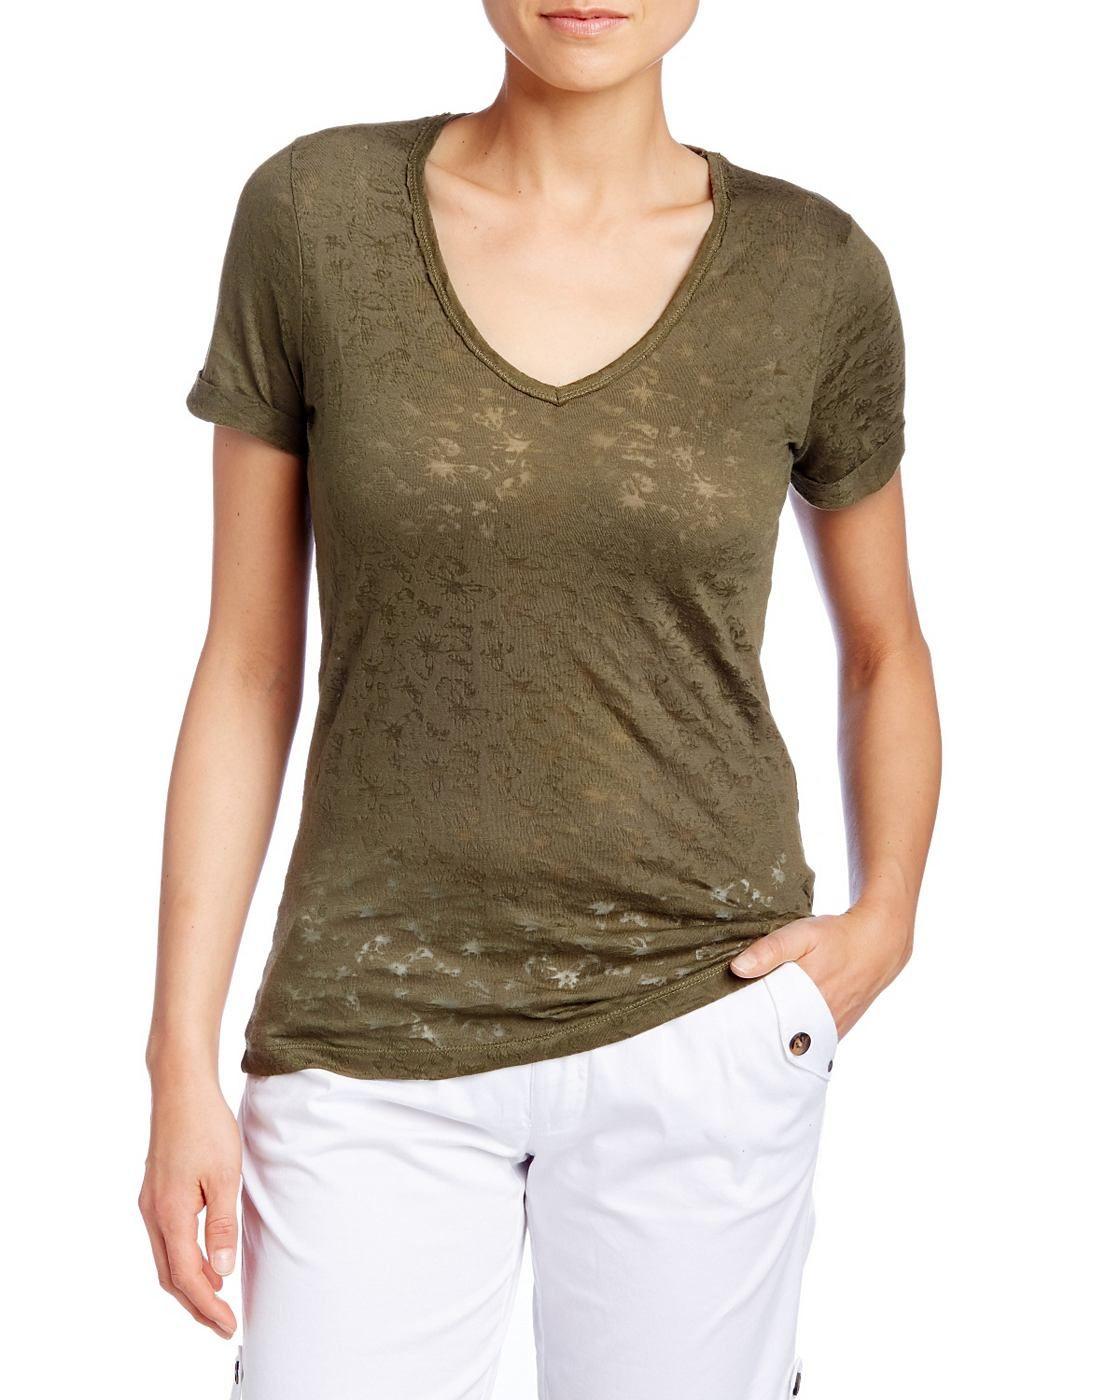 T-Shirt    Modisches Shirt aus 65%Baumwolle und 35% Polyester mit Allover-Schmetterling Design. Der V-Ausschnitt und die umgeschlagenen Ärmel unterstützen die feminine Silhouette. Ein kleines Logo am Bund setzt einen dezenten Markenhinweis....